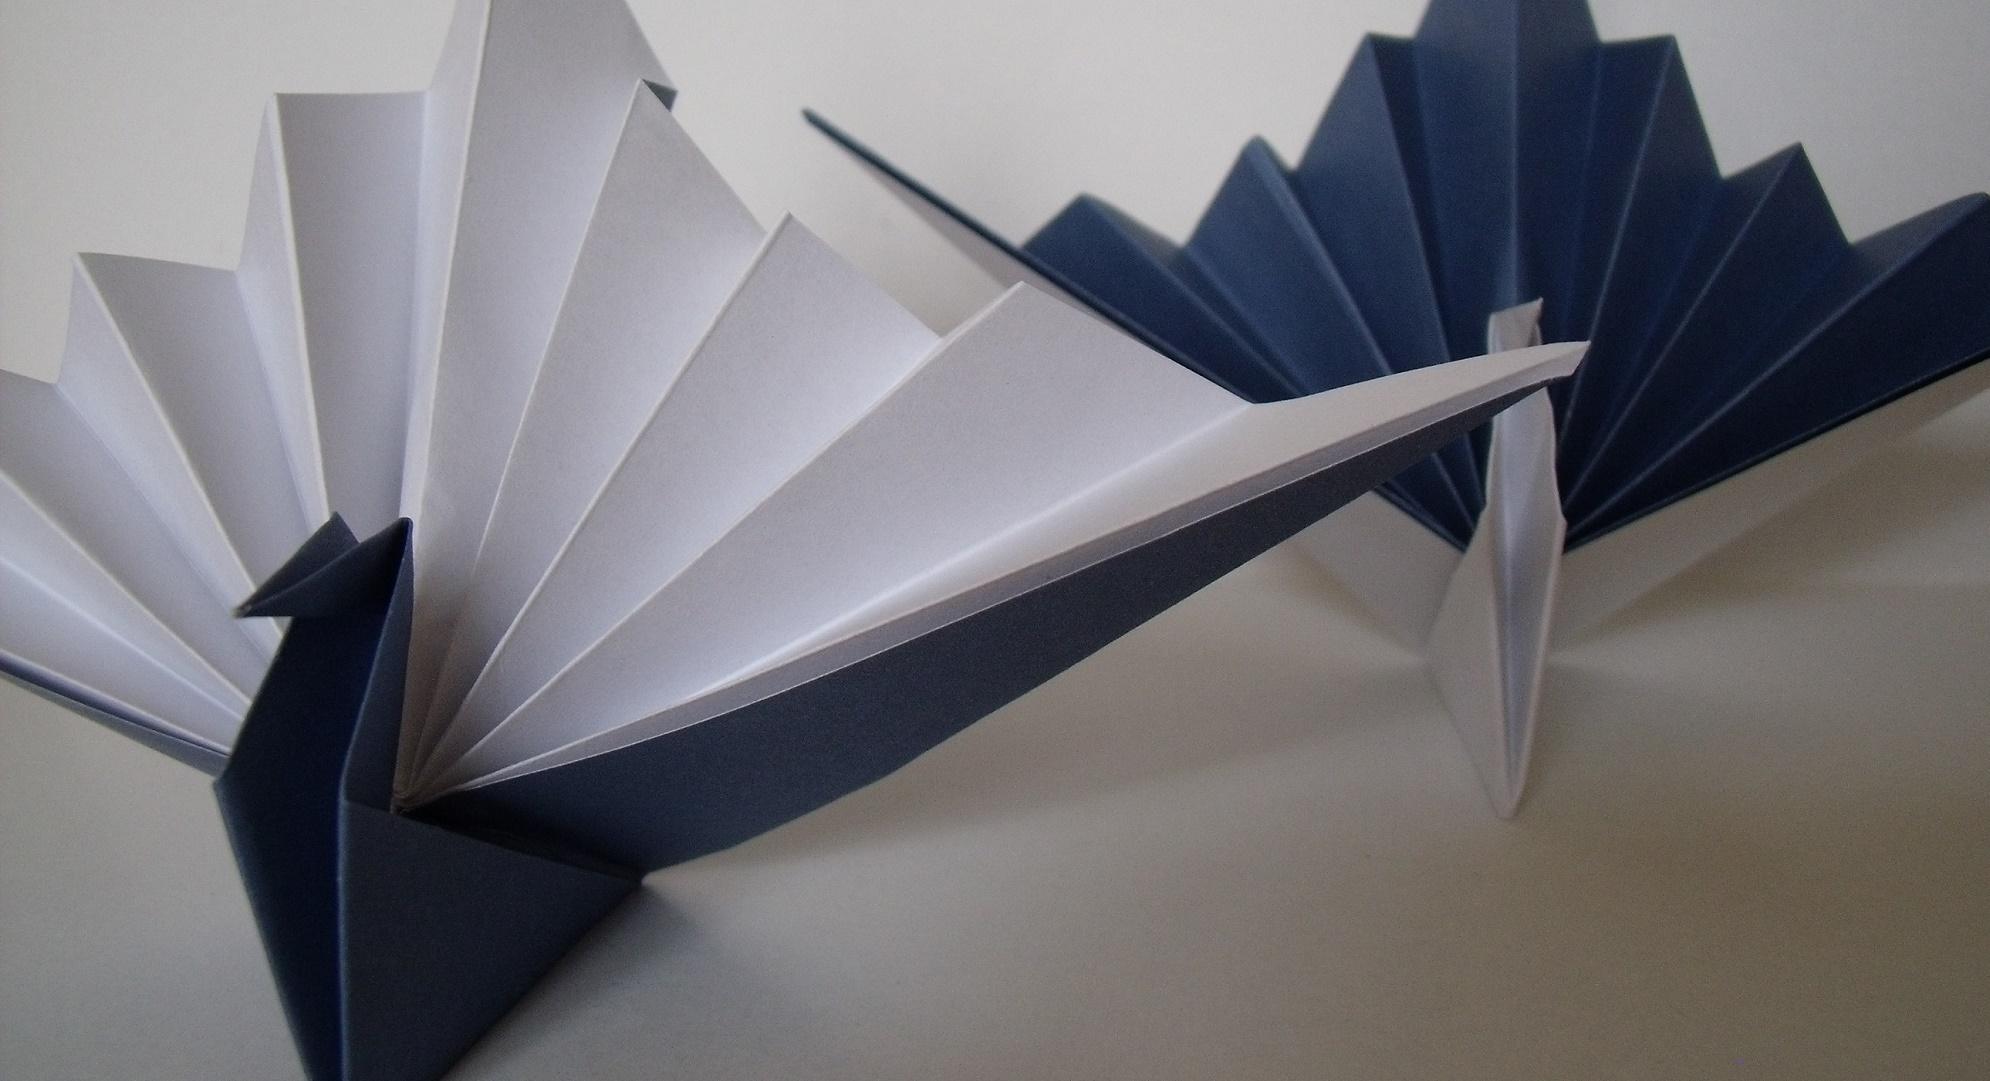 Kamigami: pequeños robots inspirados en origami